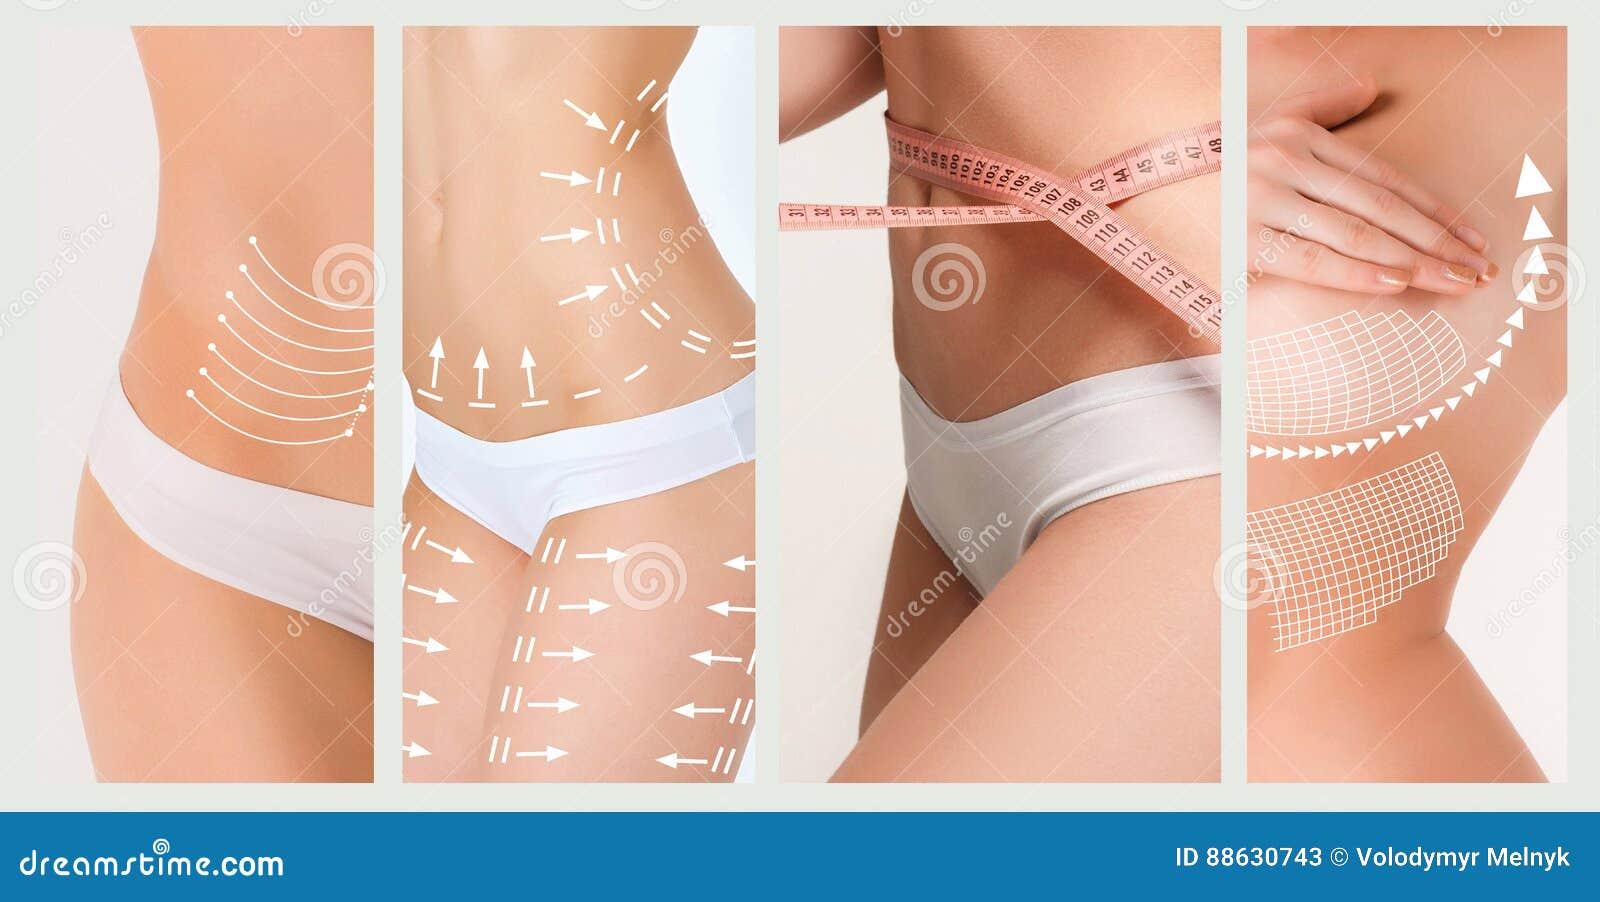 Der Celluliteabbauplan Weiße Markierungen auf Körper der jungen Frau